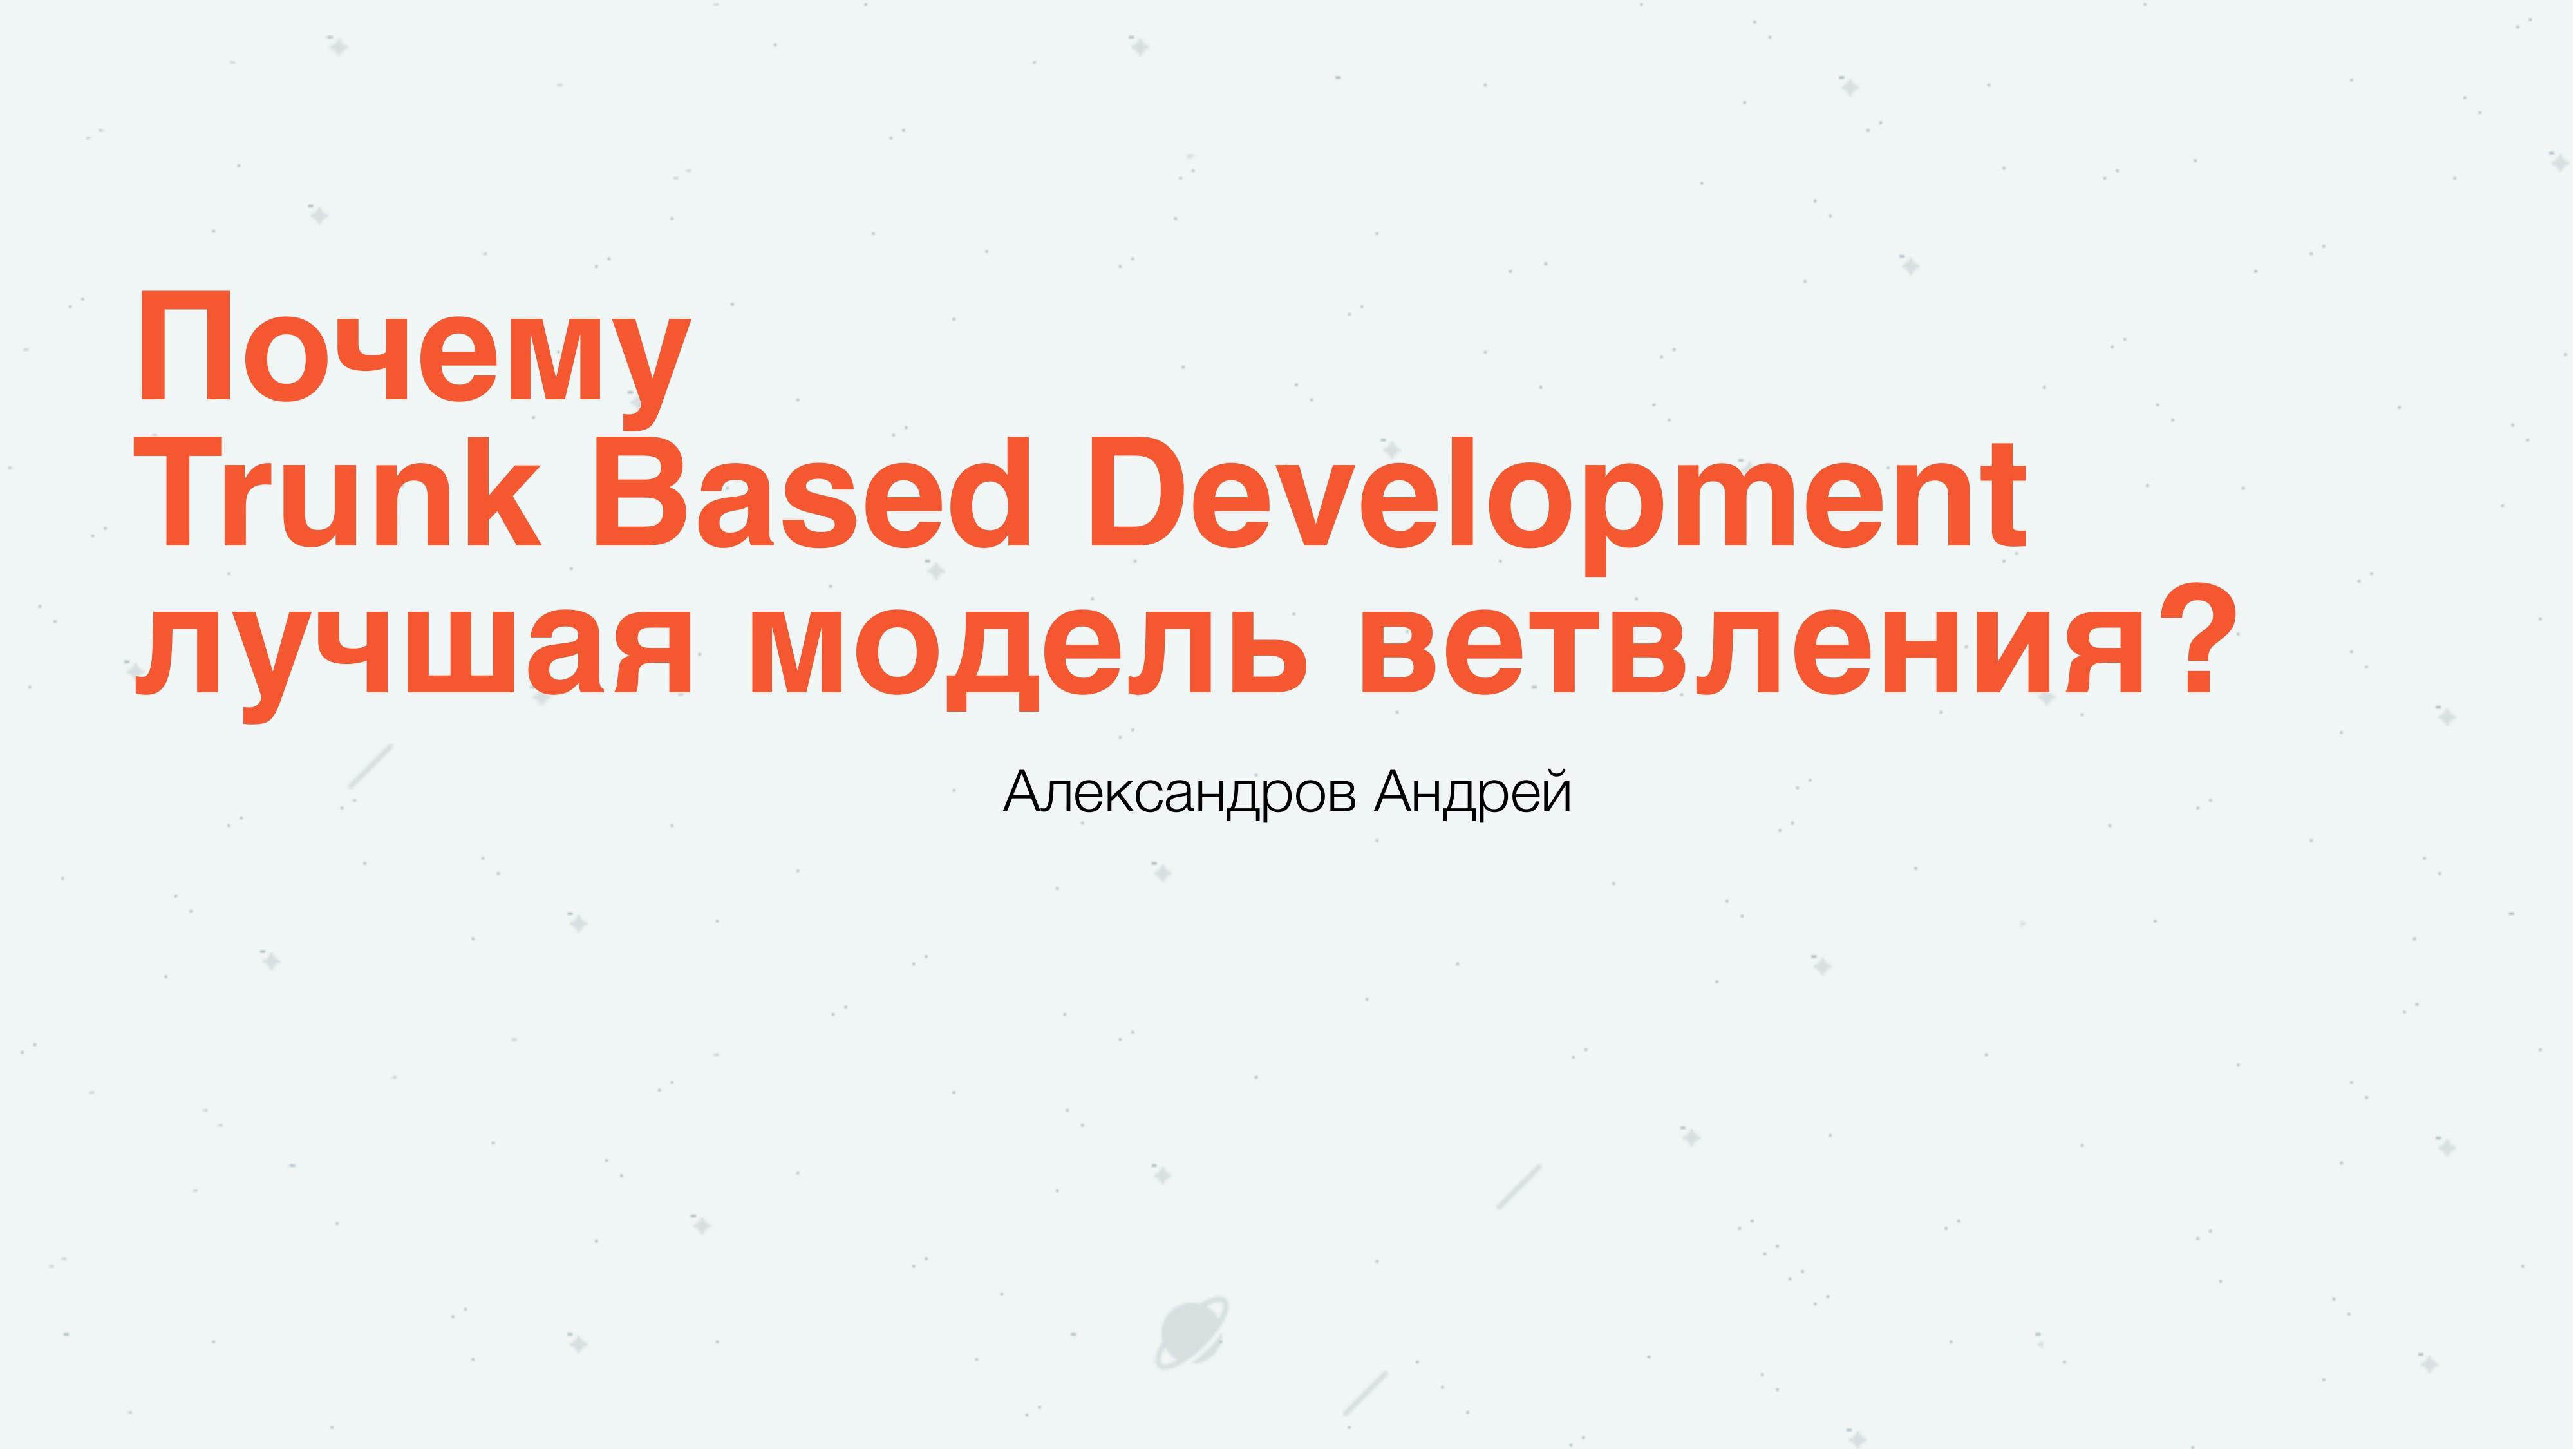 Почему Trunk Based Development  лучшая модель ветвления. Андрей Александров